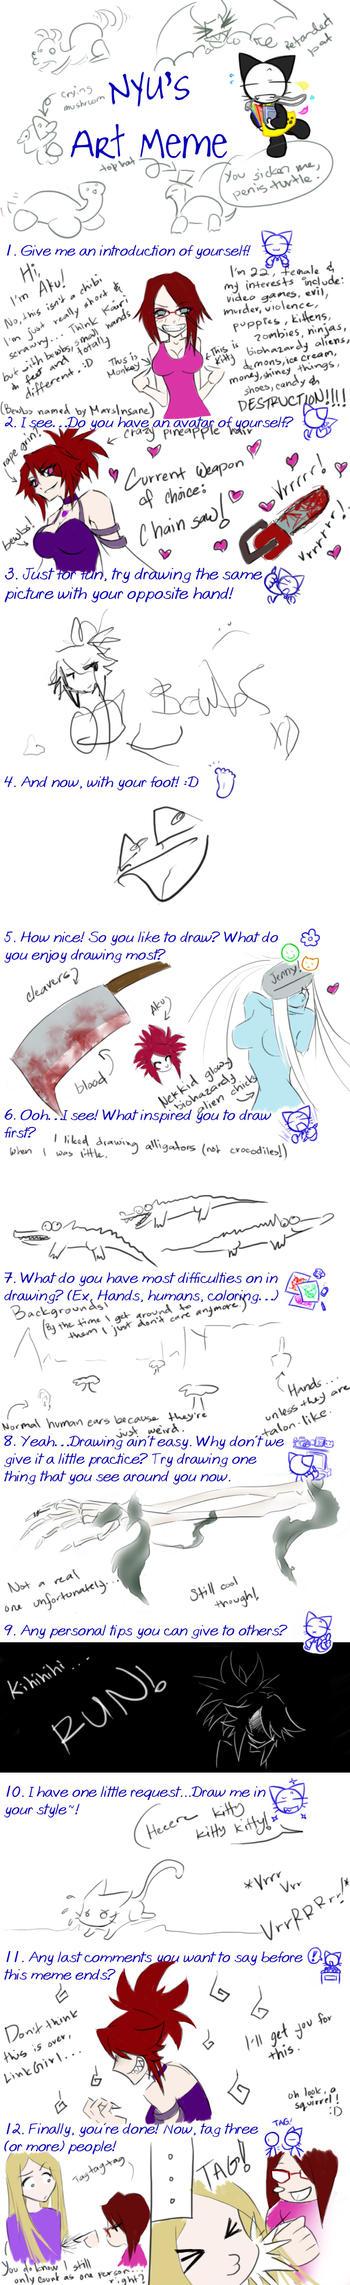 Nyu's Art Meme by Aku by aku-the-bunnyslayer